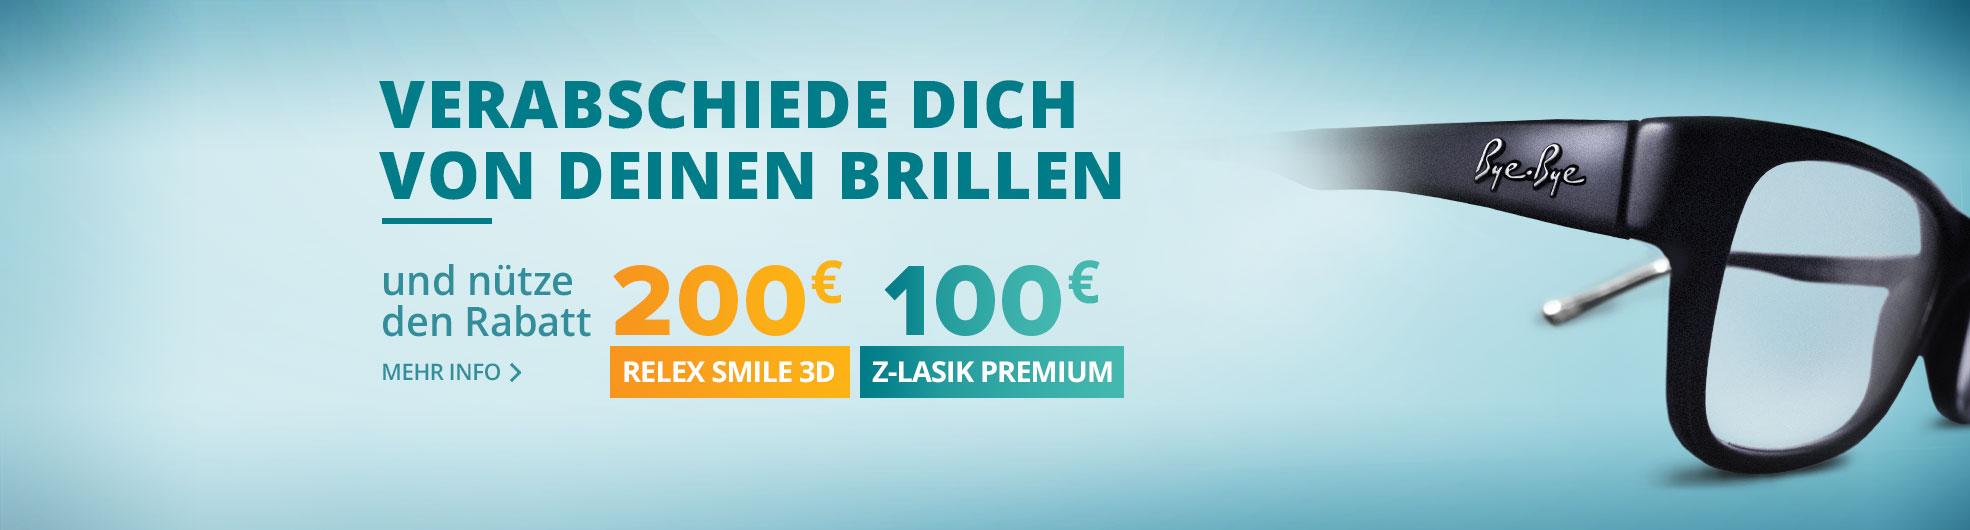 Frühlingsrabatt für ReLex SMILE 3D und Z-LASIK